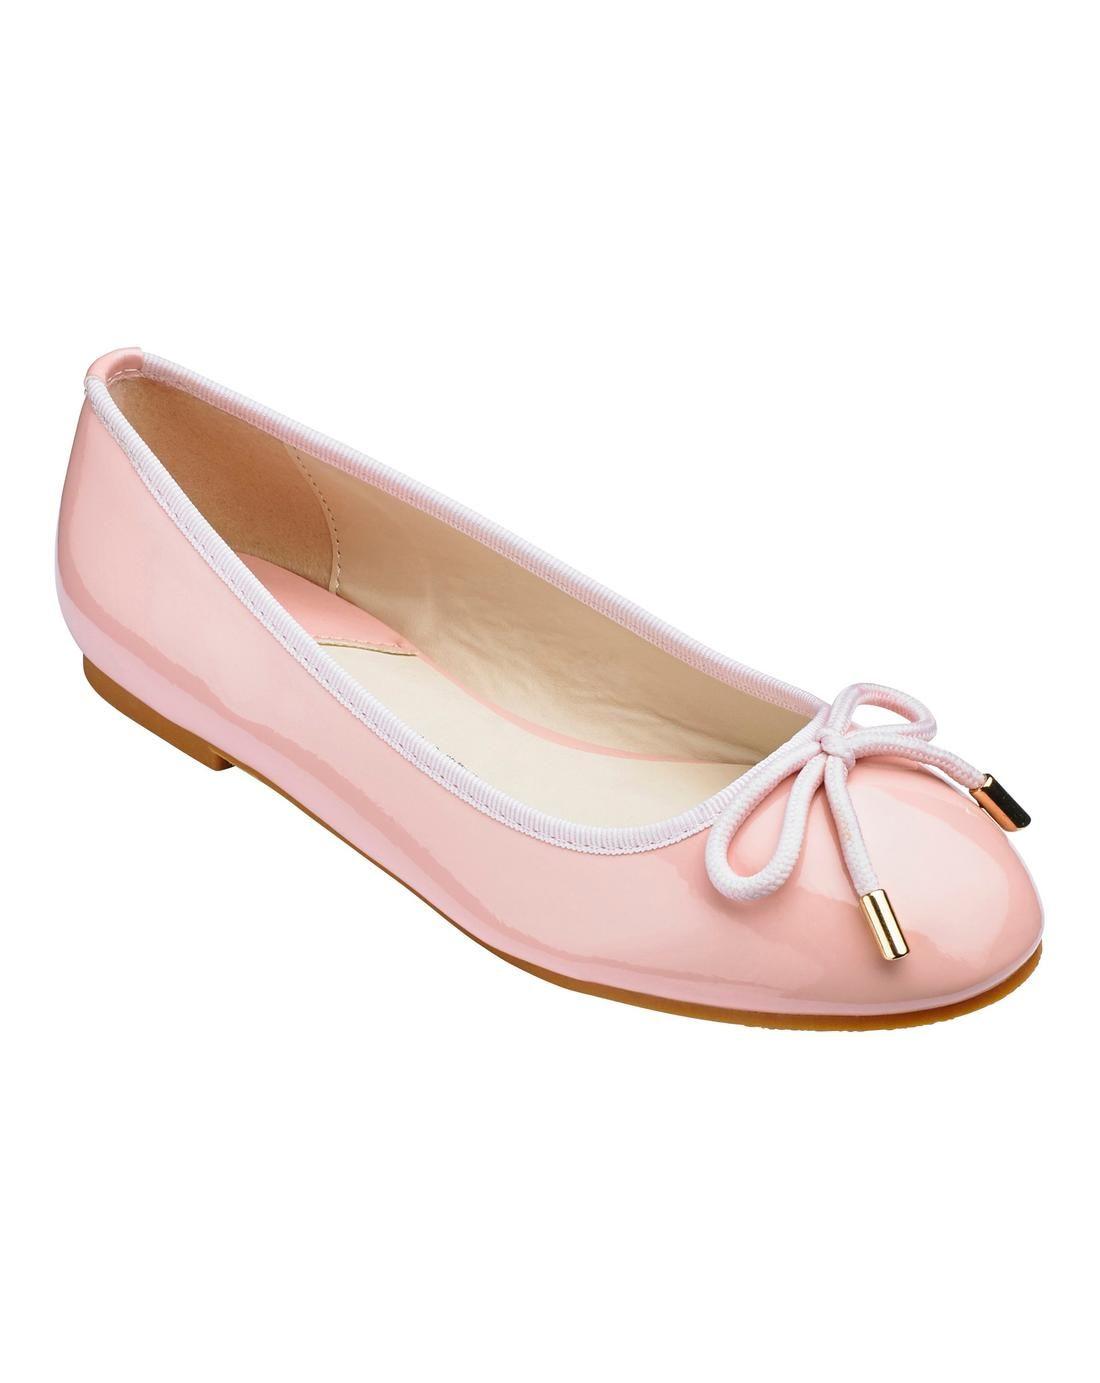 Heavenly Soles Ballerina Shoes